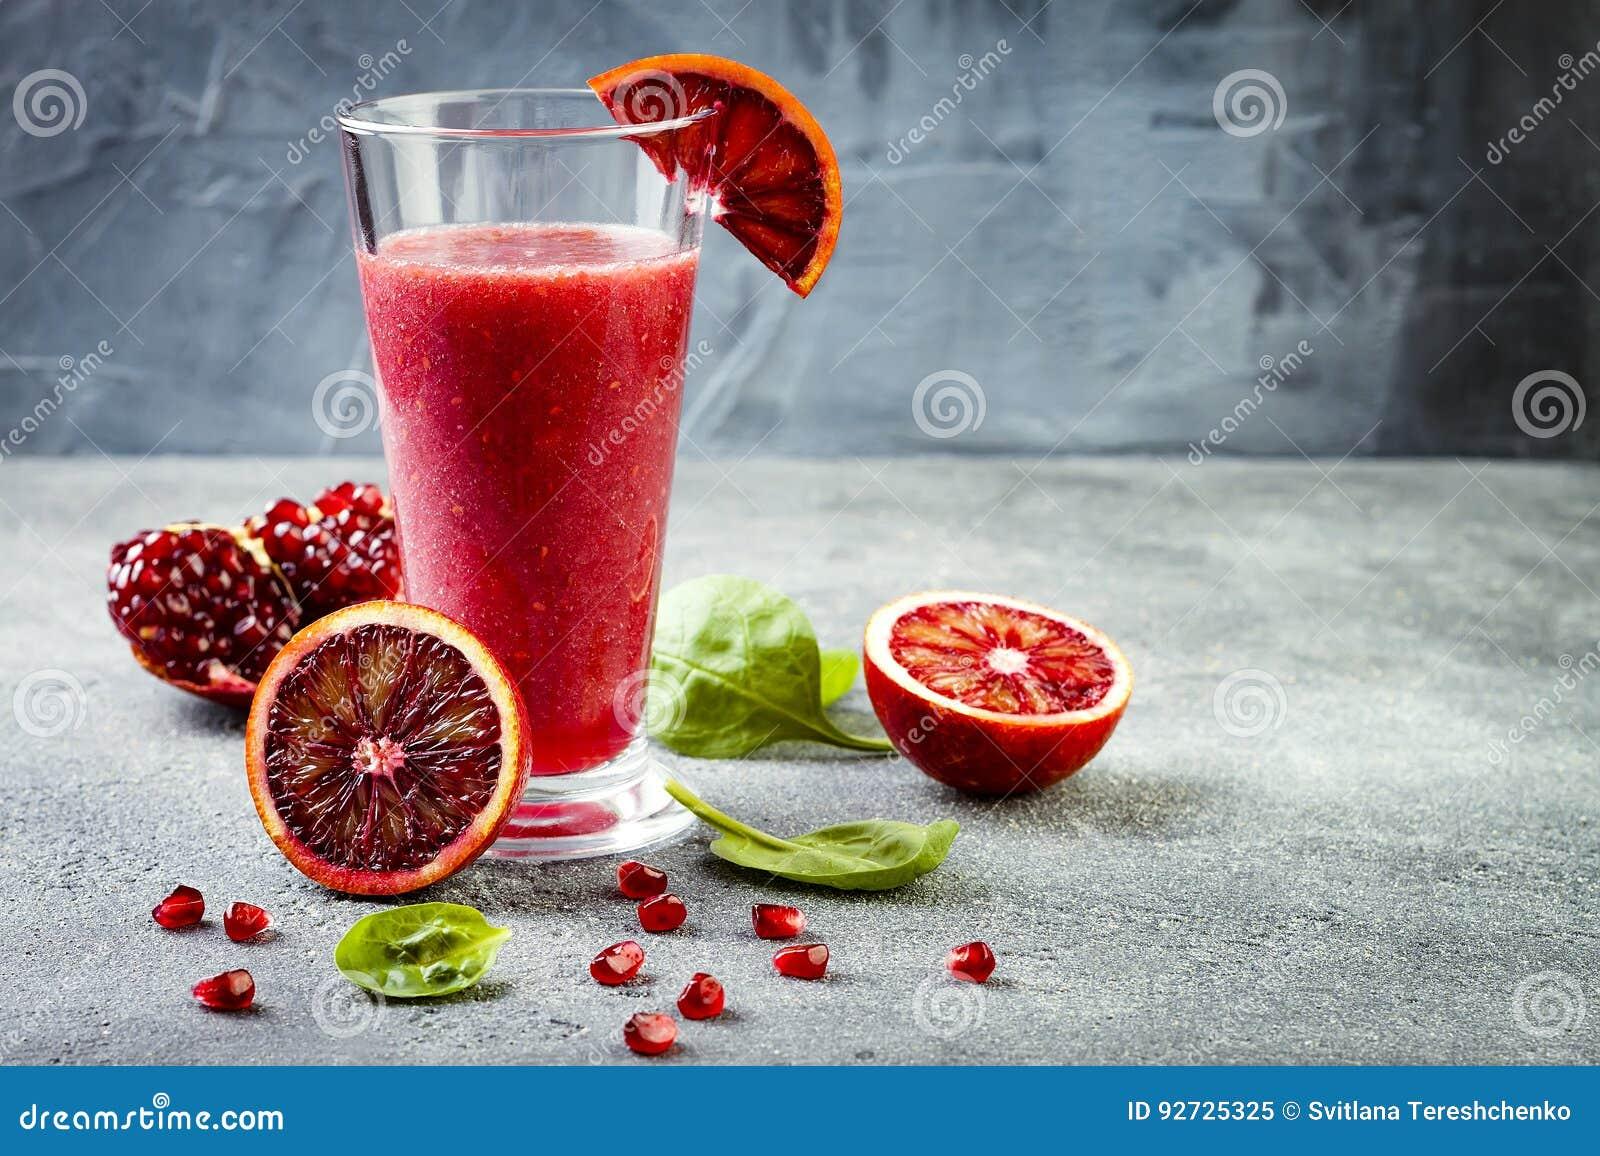 Detox frischer Saft oder Smoothie im Glas mit Blutorangen, Grüns, Granatapfel Selbst gemachtes Auffrischungsfruchtgetränk Kopiere